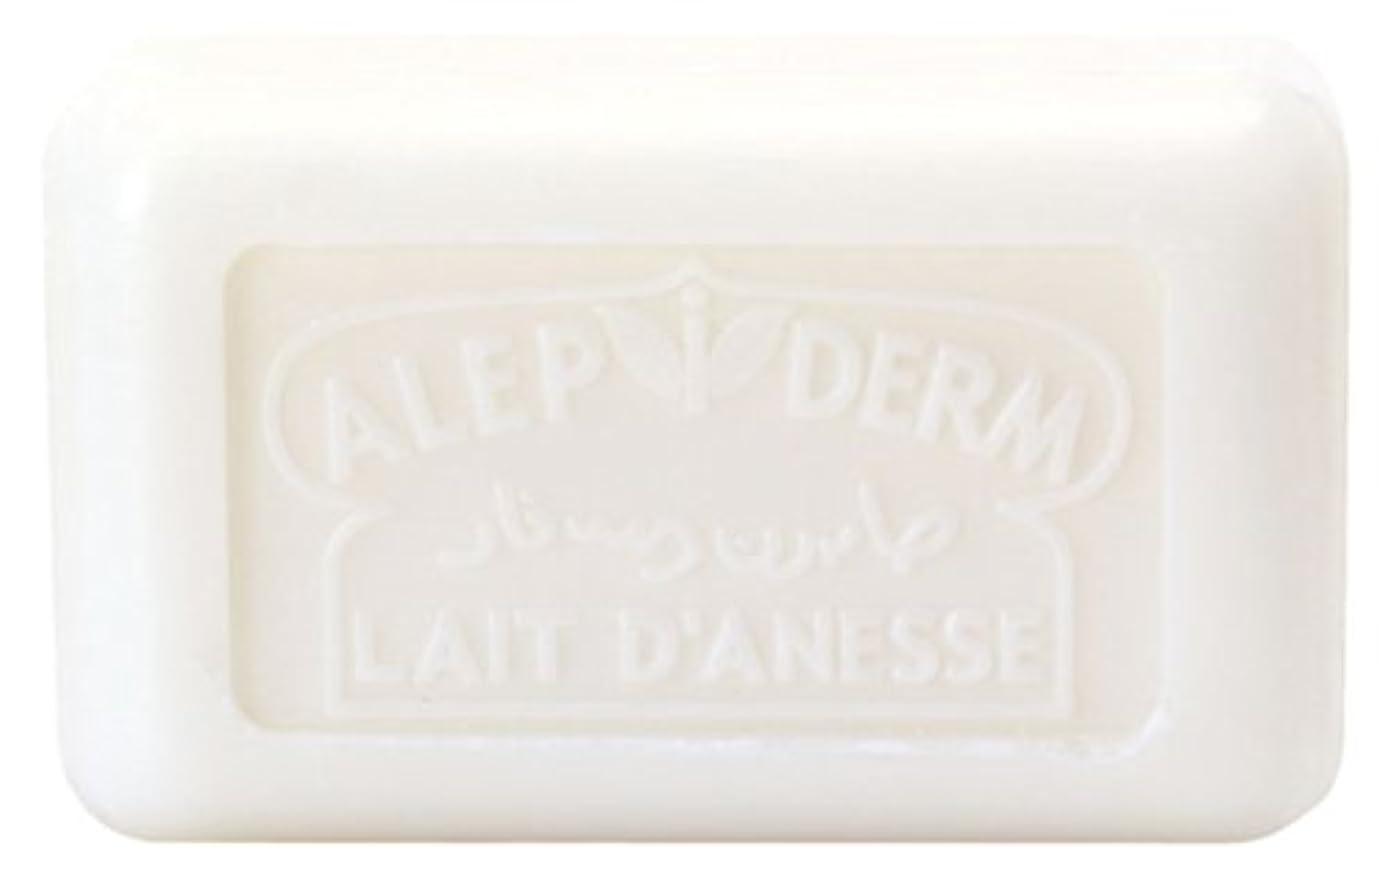 ウェイター海藻物理ノルコーポレーション プロヴァンス アレピダーム 洗顔石鹸 ロバミルク アルガンオイル シアバター配合 OB-PVP-4-1